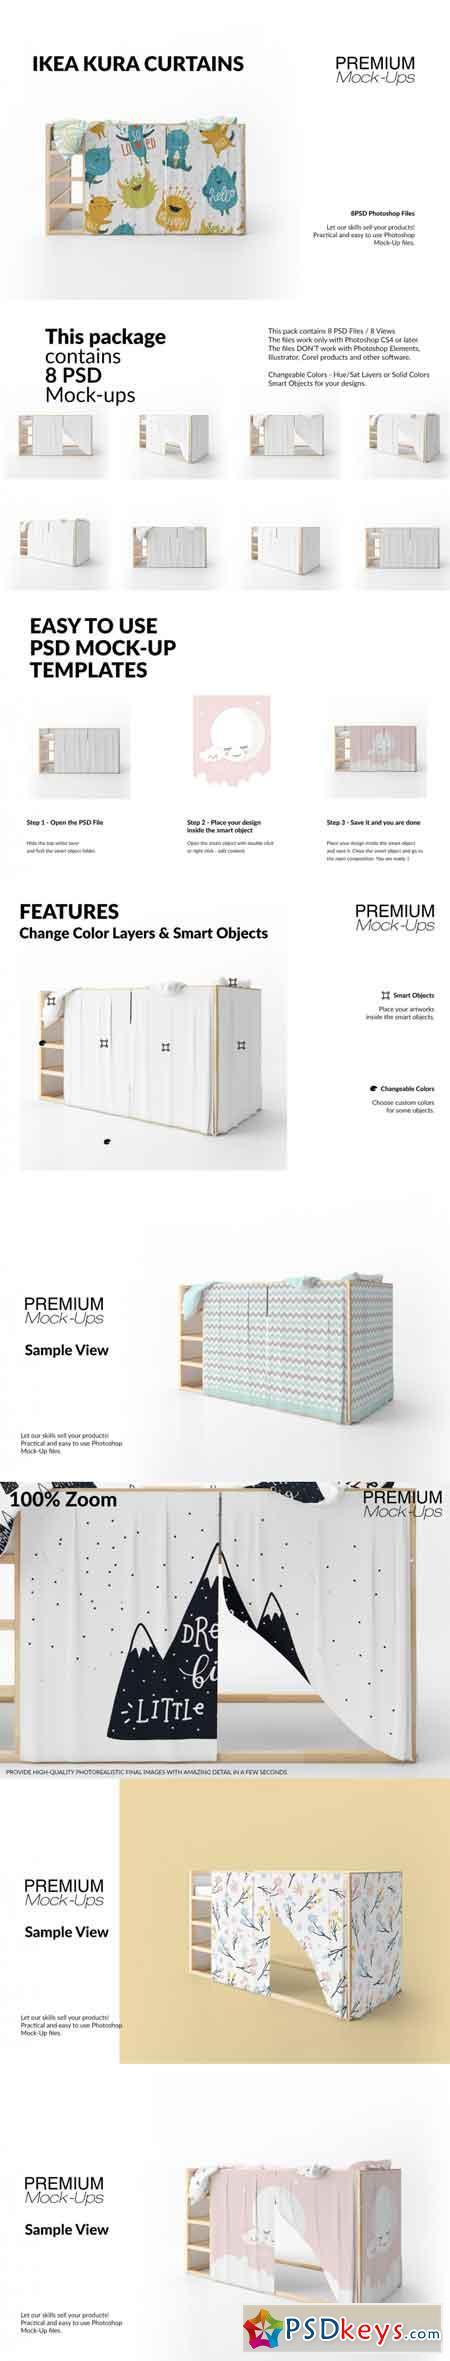 Ikea Kura Playhouse Curtains Set 3517968